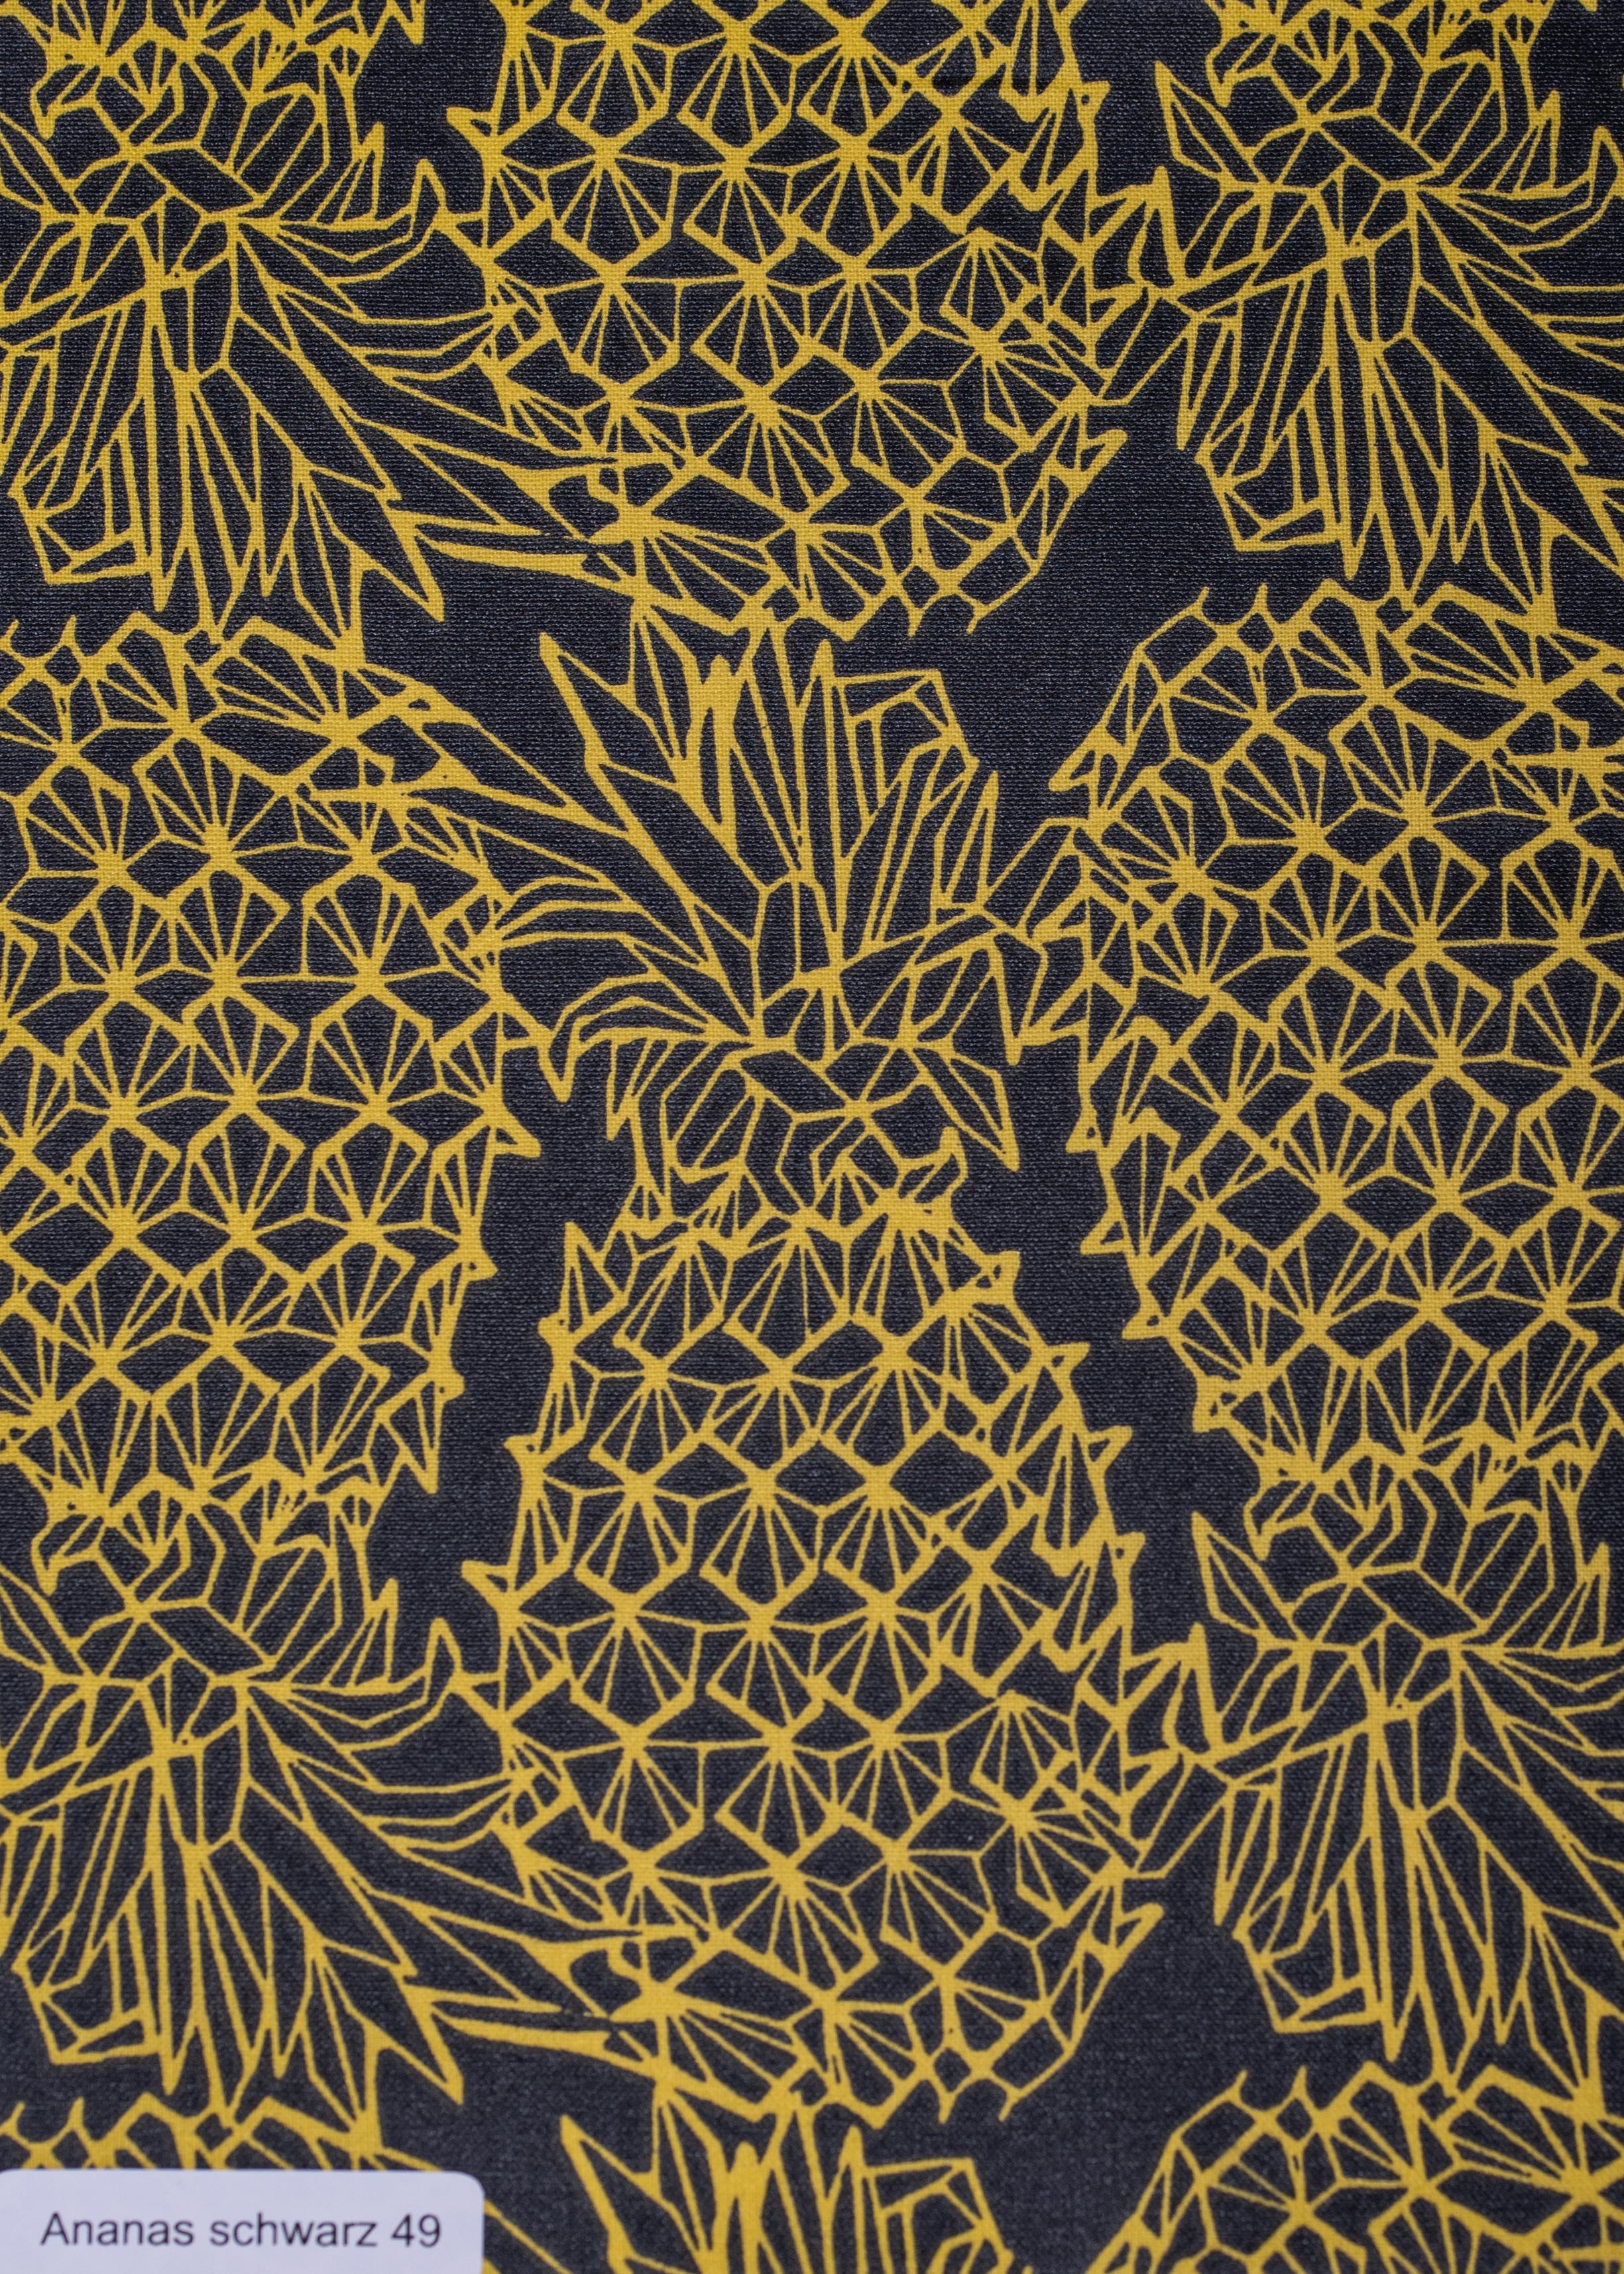 049-Ananas-Schwarz-49